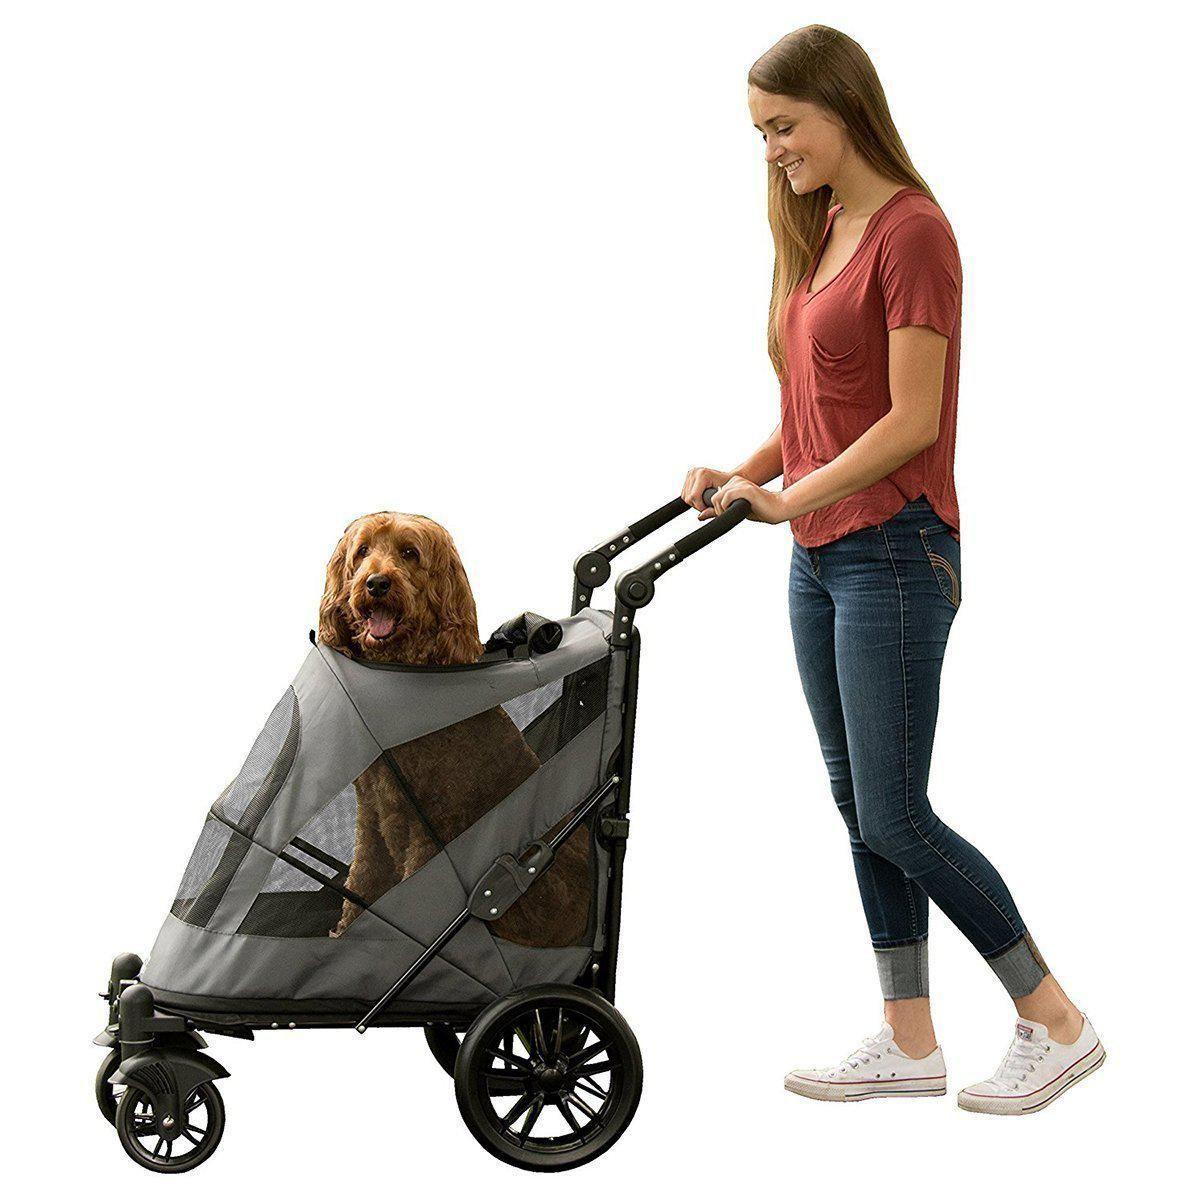 NoZip Excursion Dog Stroller Dark Platinum Pet stroller